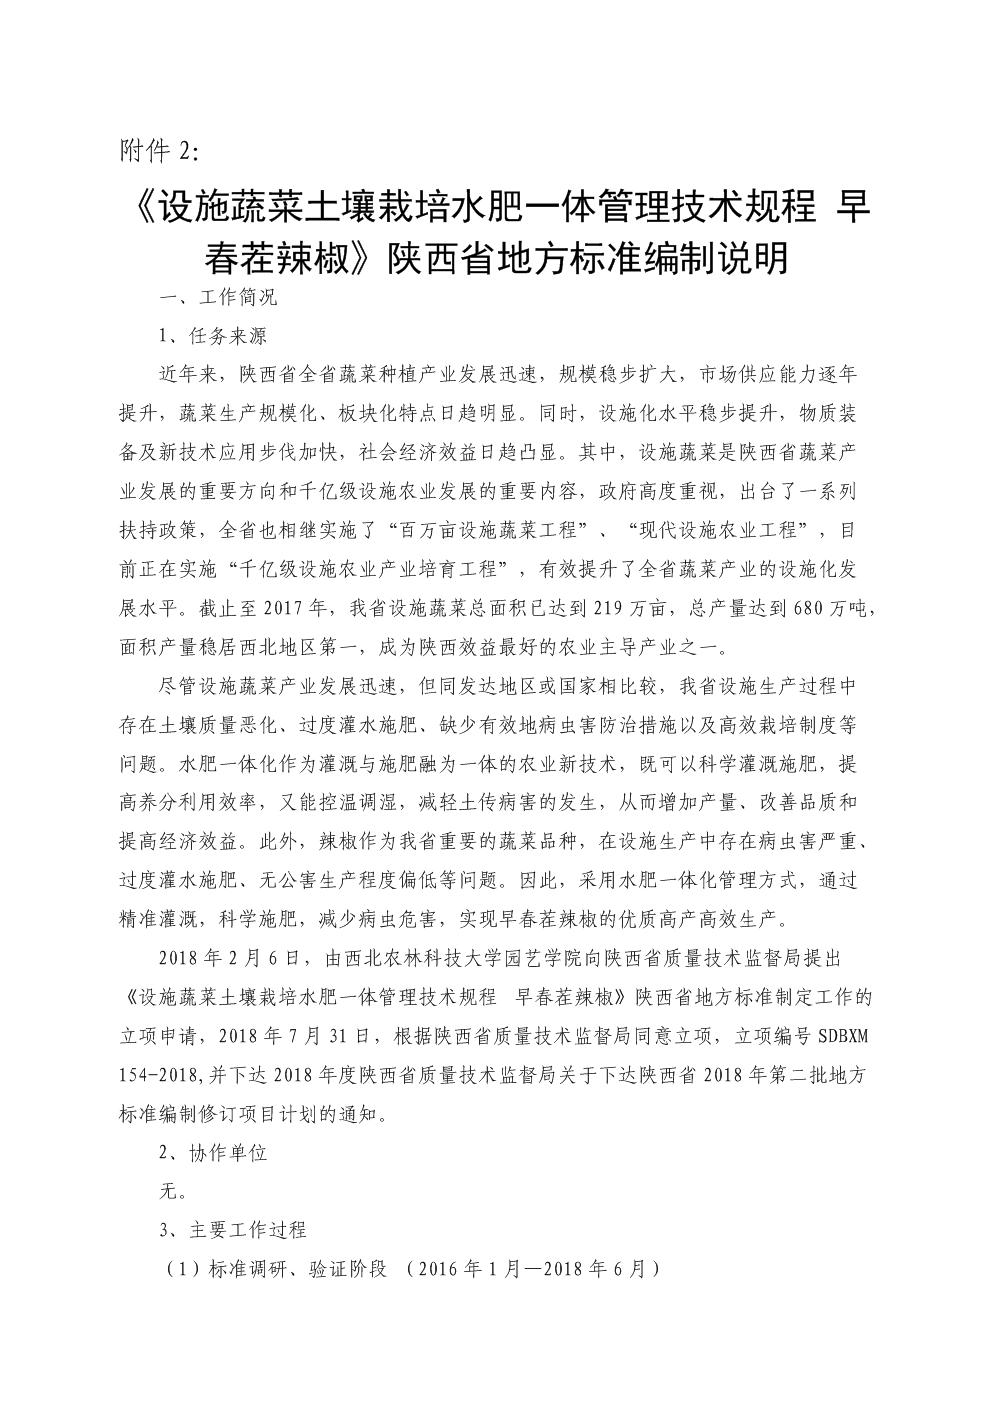 设施蔬菜土壤栽培水肥一体管理技术规程 早春茬辣椒-编制说明.docx